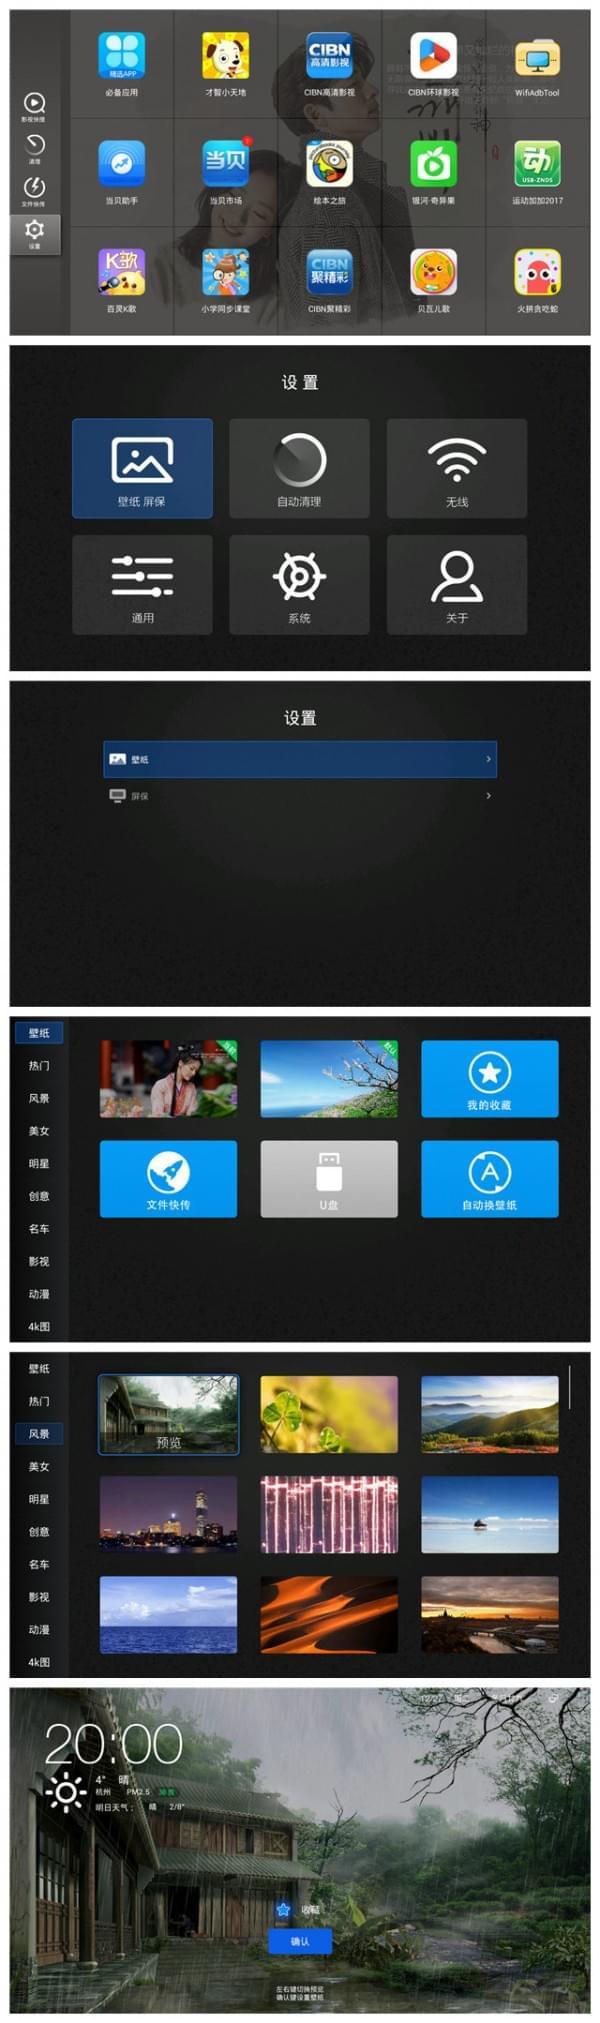 当贝桌面2.1.6版本发布 为家里的电视加点料的照片 - 2